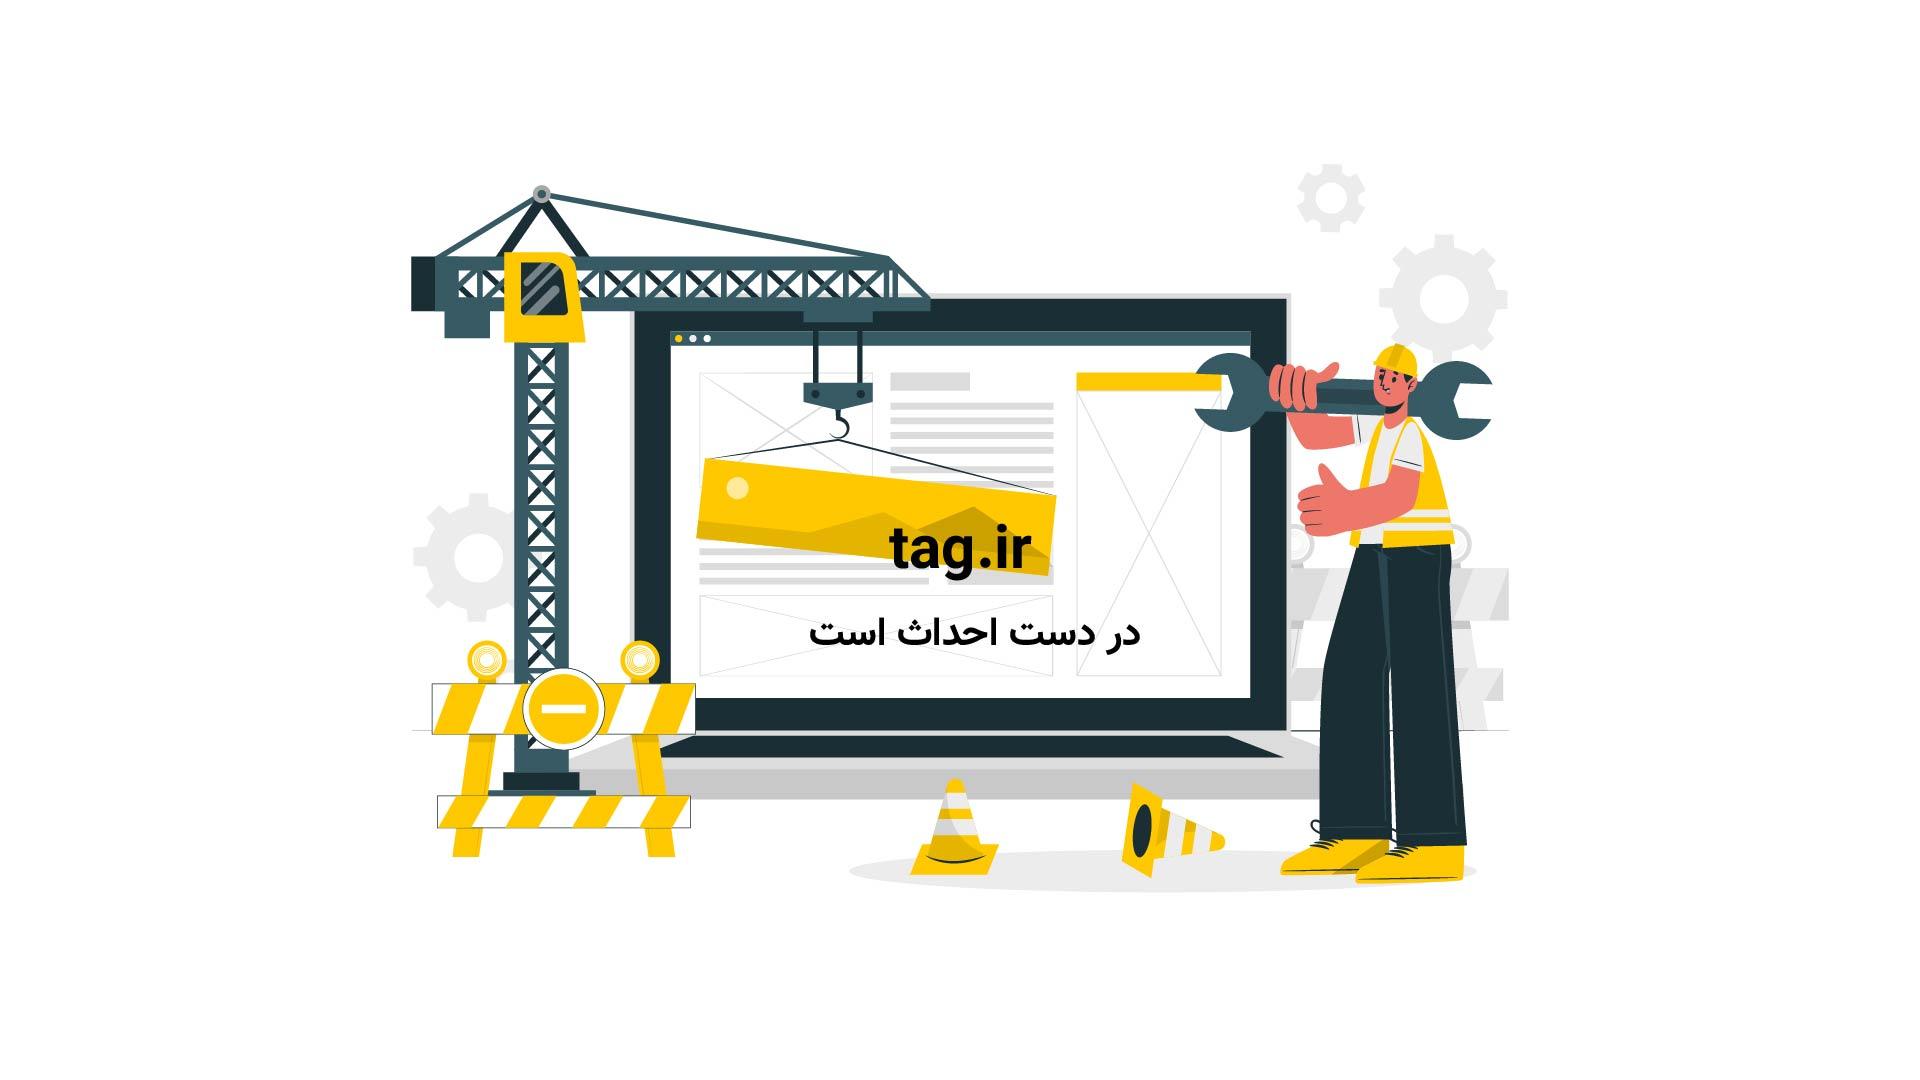 قلعه تاریخی مچی در استان سیستان و بلوچستان | فیلم